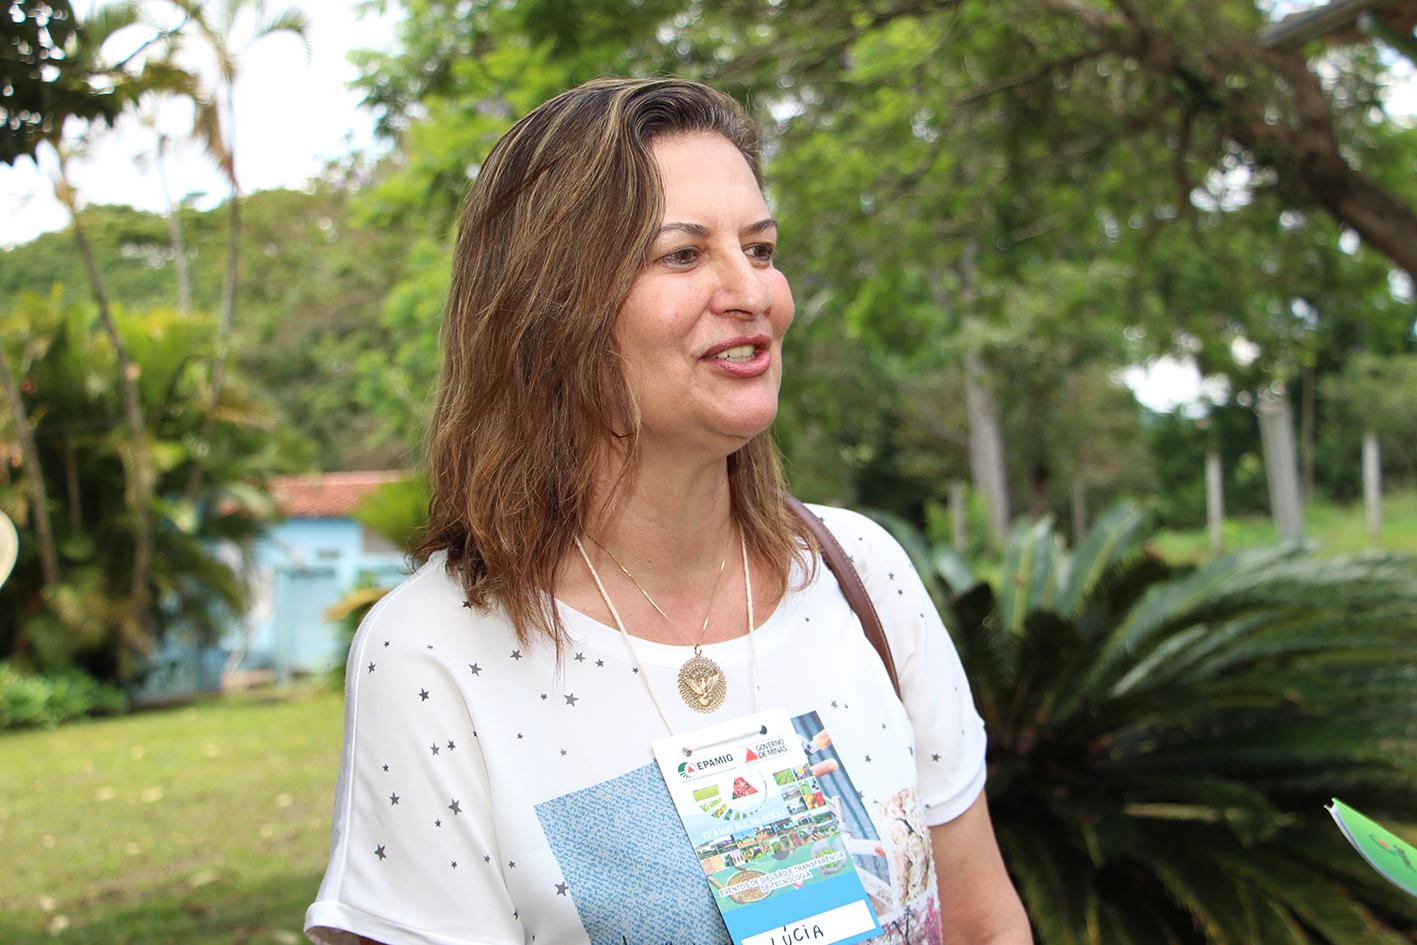 Lúcia Freire administra a propriedade da família que produz café e leite. (Foto: Erasmo Pereira/EPAMIG)